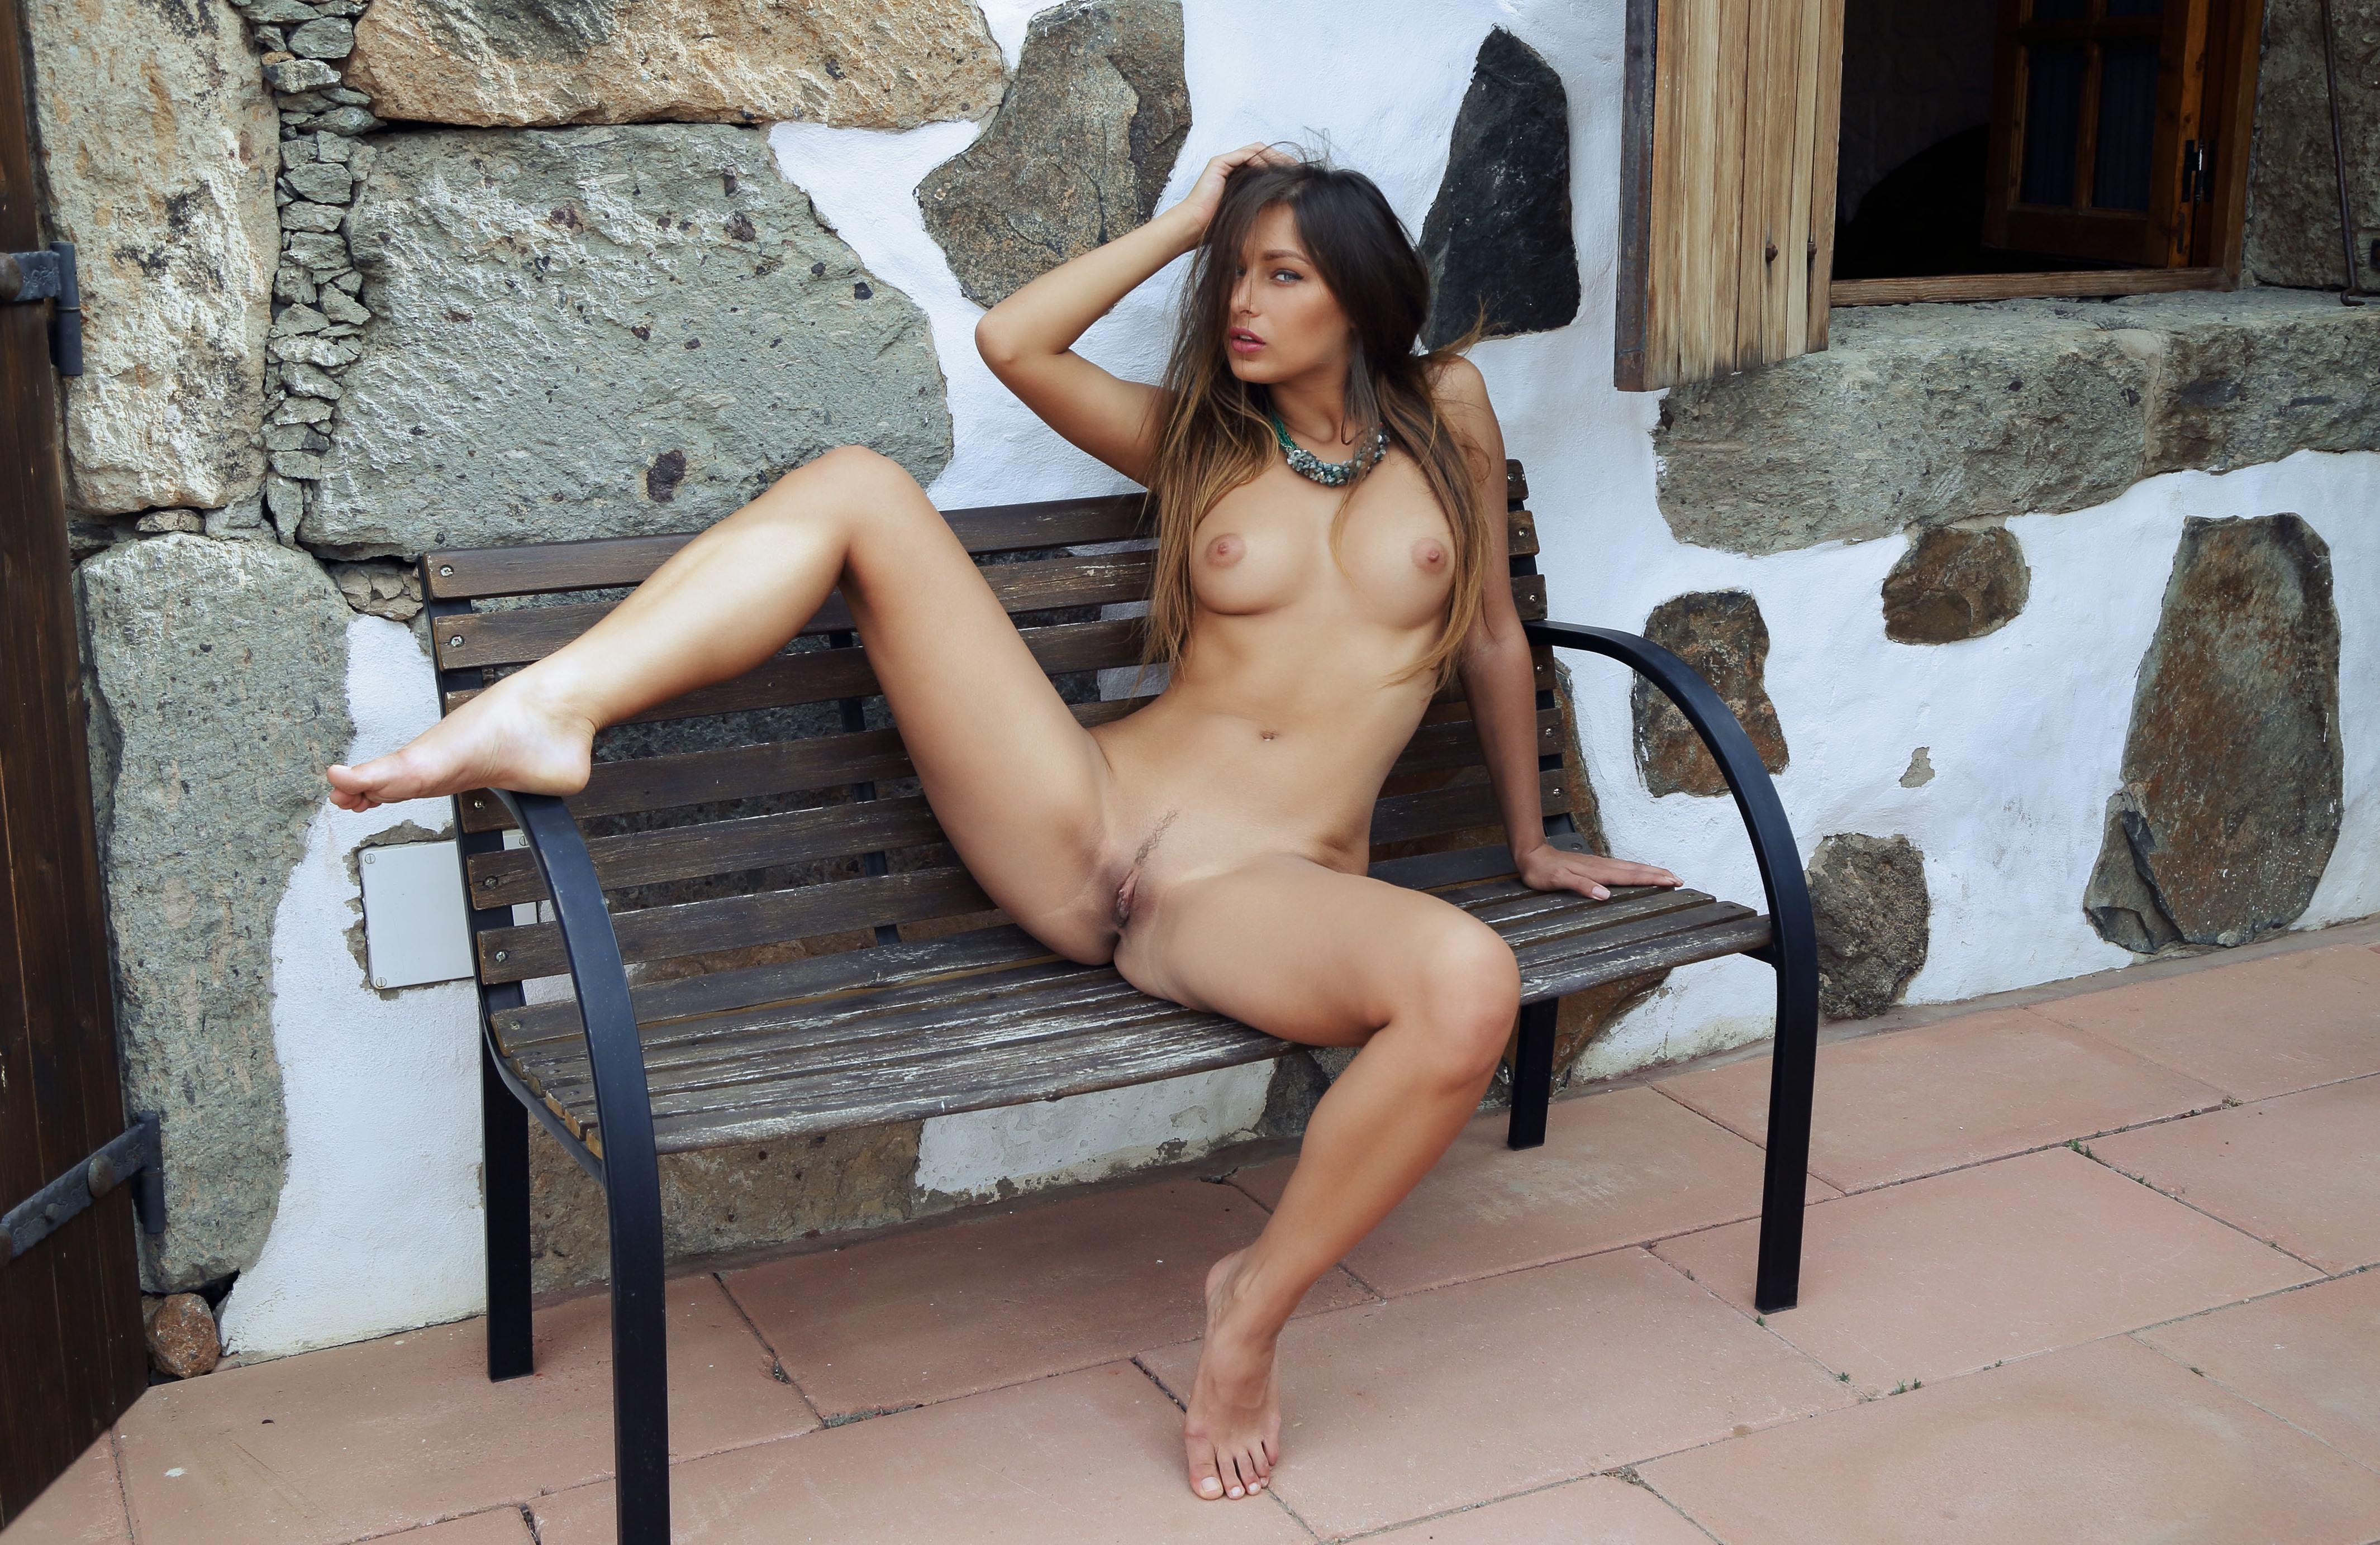 Фото Соблазнительная голая девушка на расселась у лавки возле дома, раздвинула ножки, скачать картинку бесплатно